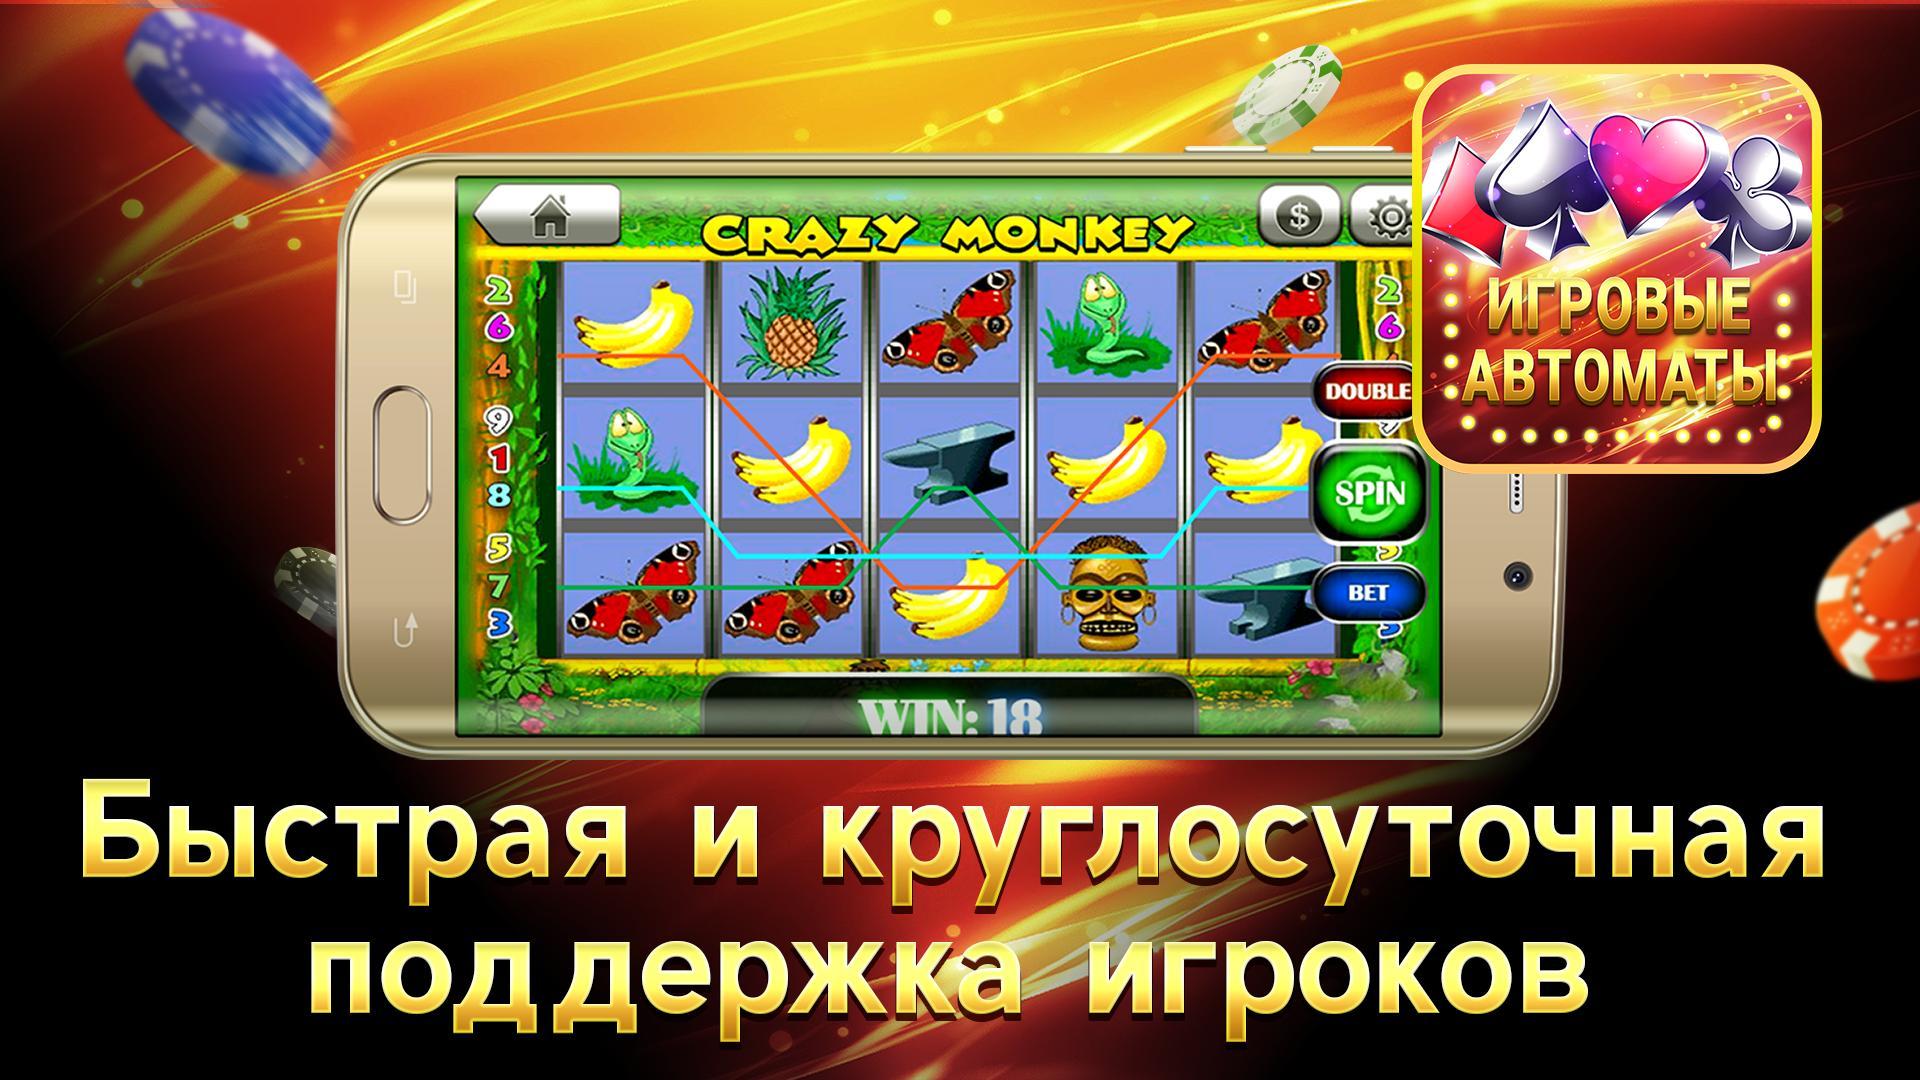 на игровые скачать телефон игровые автоматы симуляторы